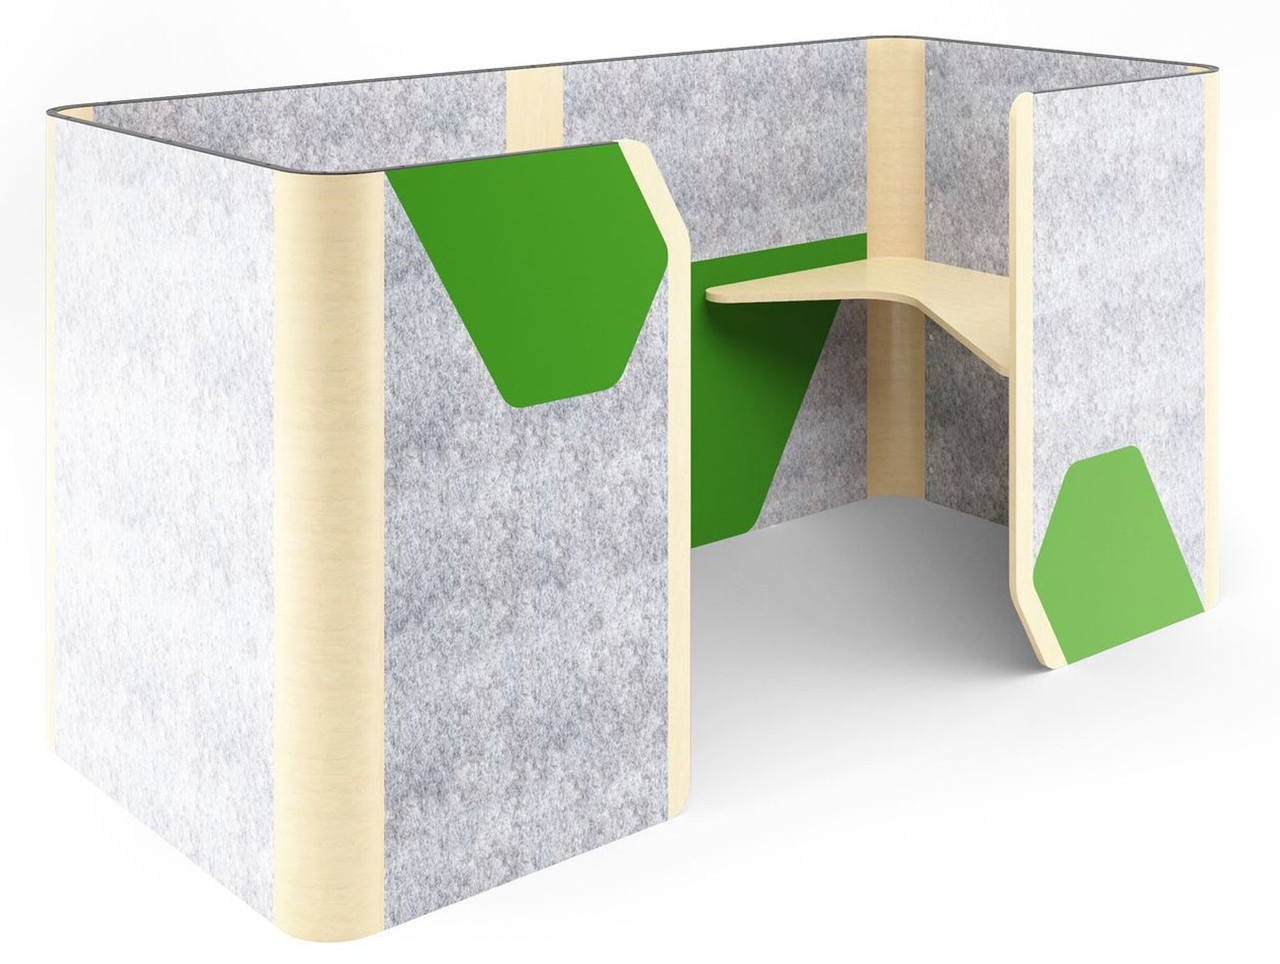 Кабина двойная Cabi фетр серый/фетр зеленый черный графит TM AMF